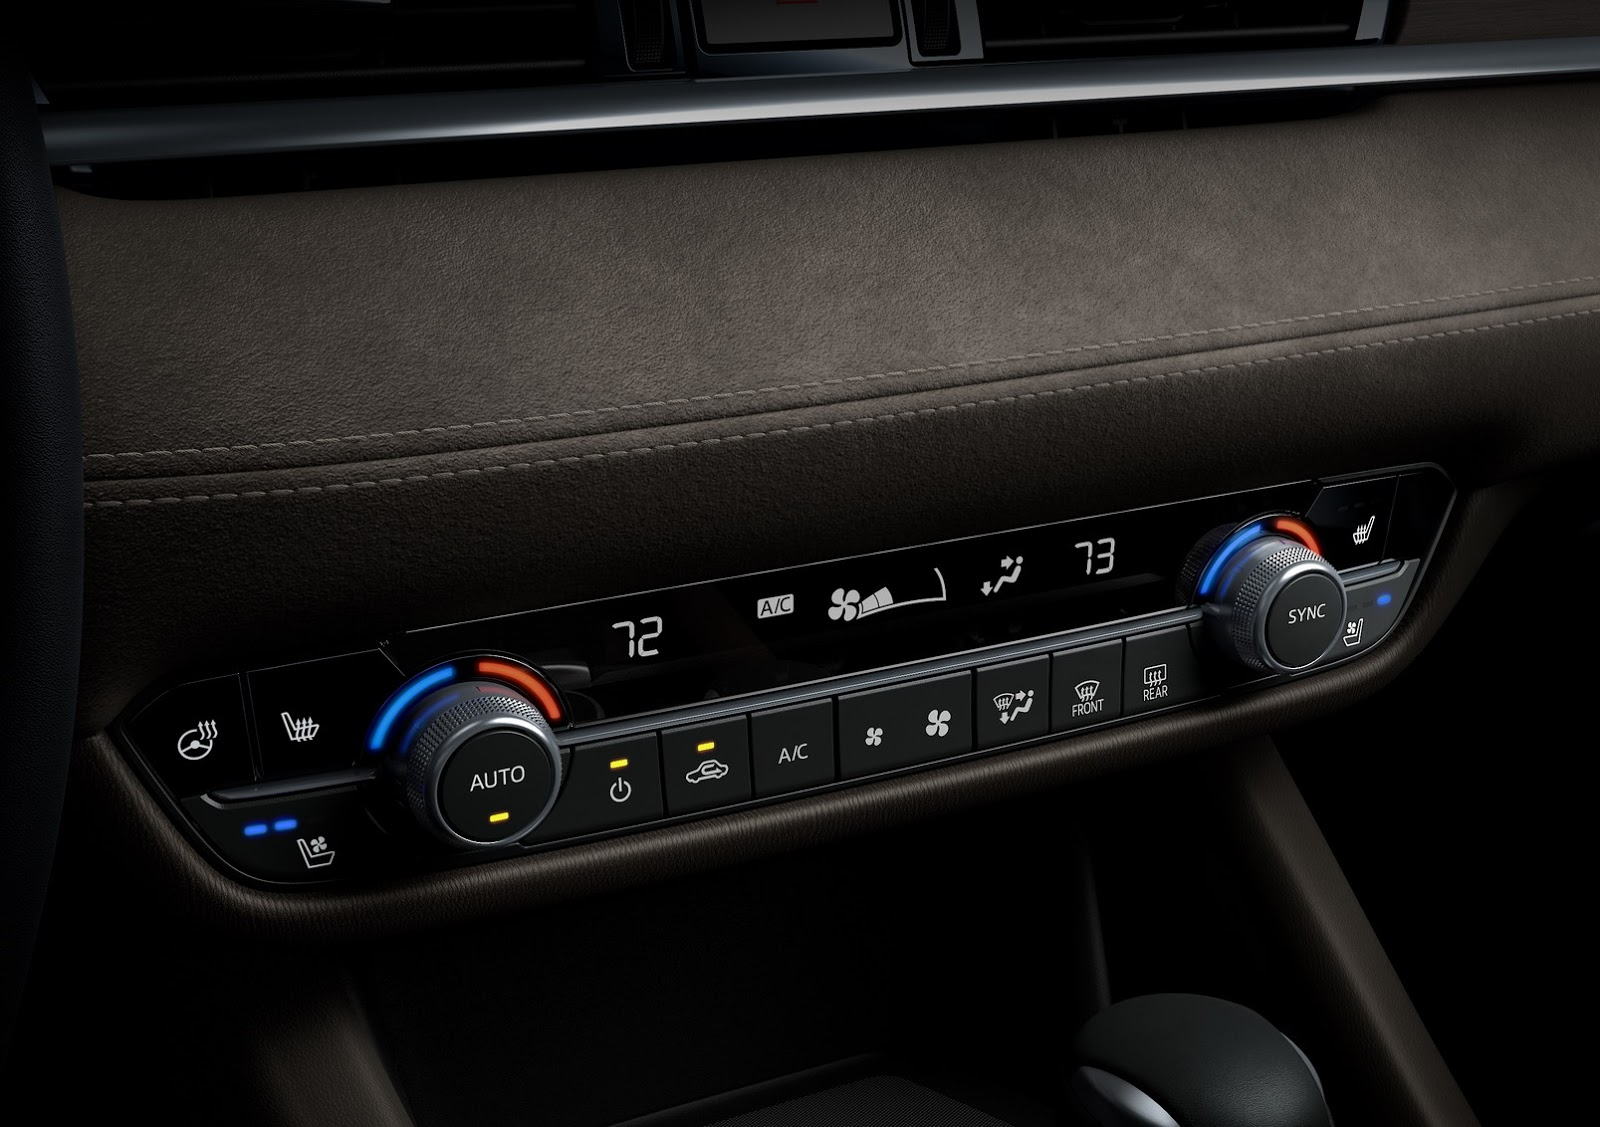 2019-Mazda6-21.jpg